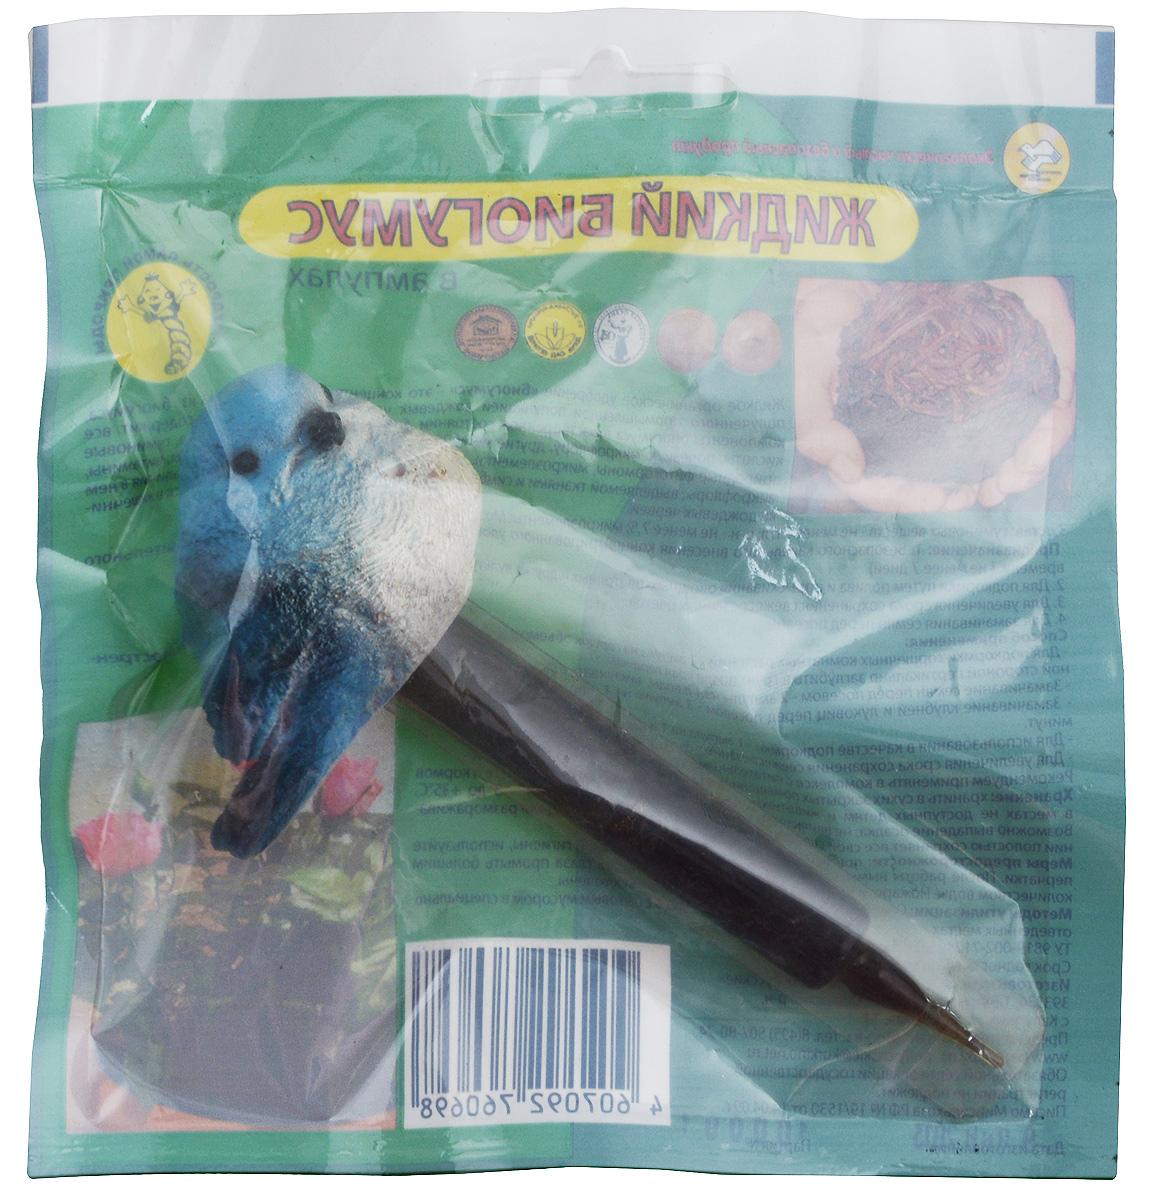 Удобрение Поля Русские Биогумус, в ампулах, цвет: голубой, 10 мл681_голубойЖидкое органическое удобрение Поля Русские Биогумус - это концентрированная вытяжка из биогумуса, полученного промышленной популяцией дождевых червей. Жидкое удобрение содержит все компоненты биогумуса в растворенном состоянии, биологически активные вещества, гуминовые кислоты, полезную микрофлору, другие метаболиты дождевых червей, аминокислоты, витамины, природные фитогормоны, микроэлементы. Эффект удобрения достигается за счет наличия в нем микрофлоры, выделяемой тканями и симбиотными микроорганизмами, находящимися в кишечнике дождевых червей. Удобрение предназначено для:- подкормки путем полива и опрыскивания овощных, цветочных и других культур,- увеличение срока сохранения свежесрезанных цветов,- замачивание семян перед посевом.Биогумус находится в пластиковой ампуле, которая украшена декоративным наконечником в виде птички. Состав: гуминовые вещества - не менее 3 г/л, pH - не менее 7,5, микроэлементы: Mg, Fe, B, Mn, Cu, Mo, Zn.Товар сертифицирован.